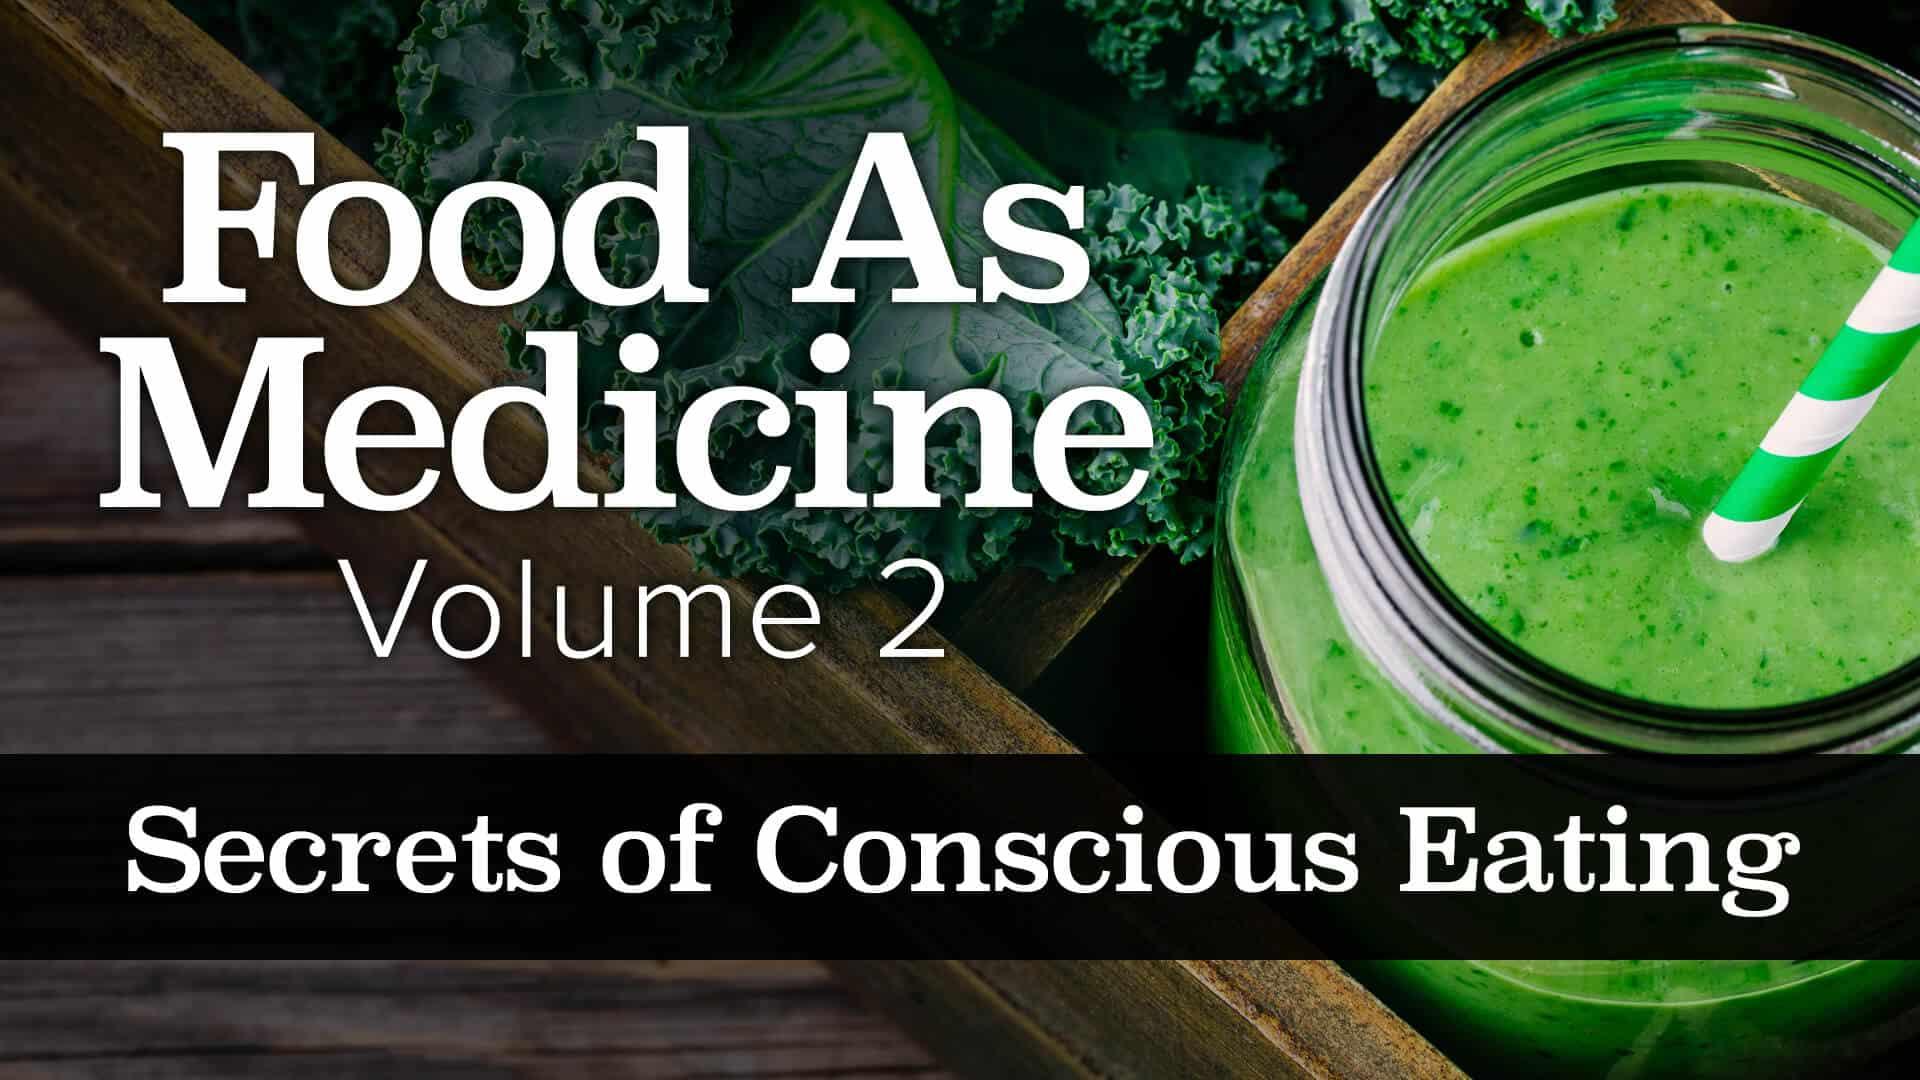 food-as-medicine-vol-2-graphic